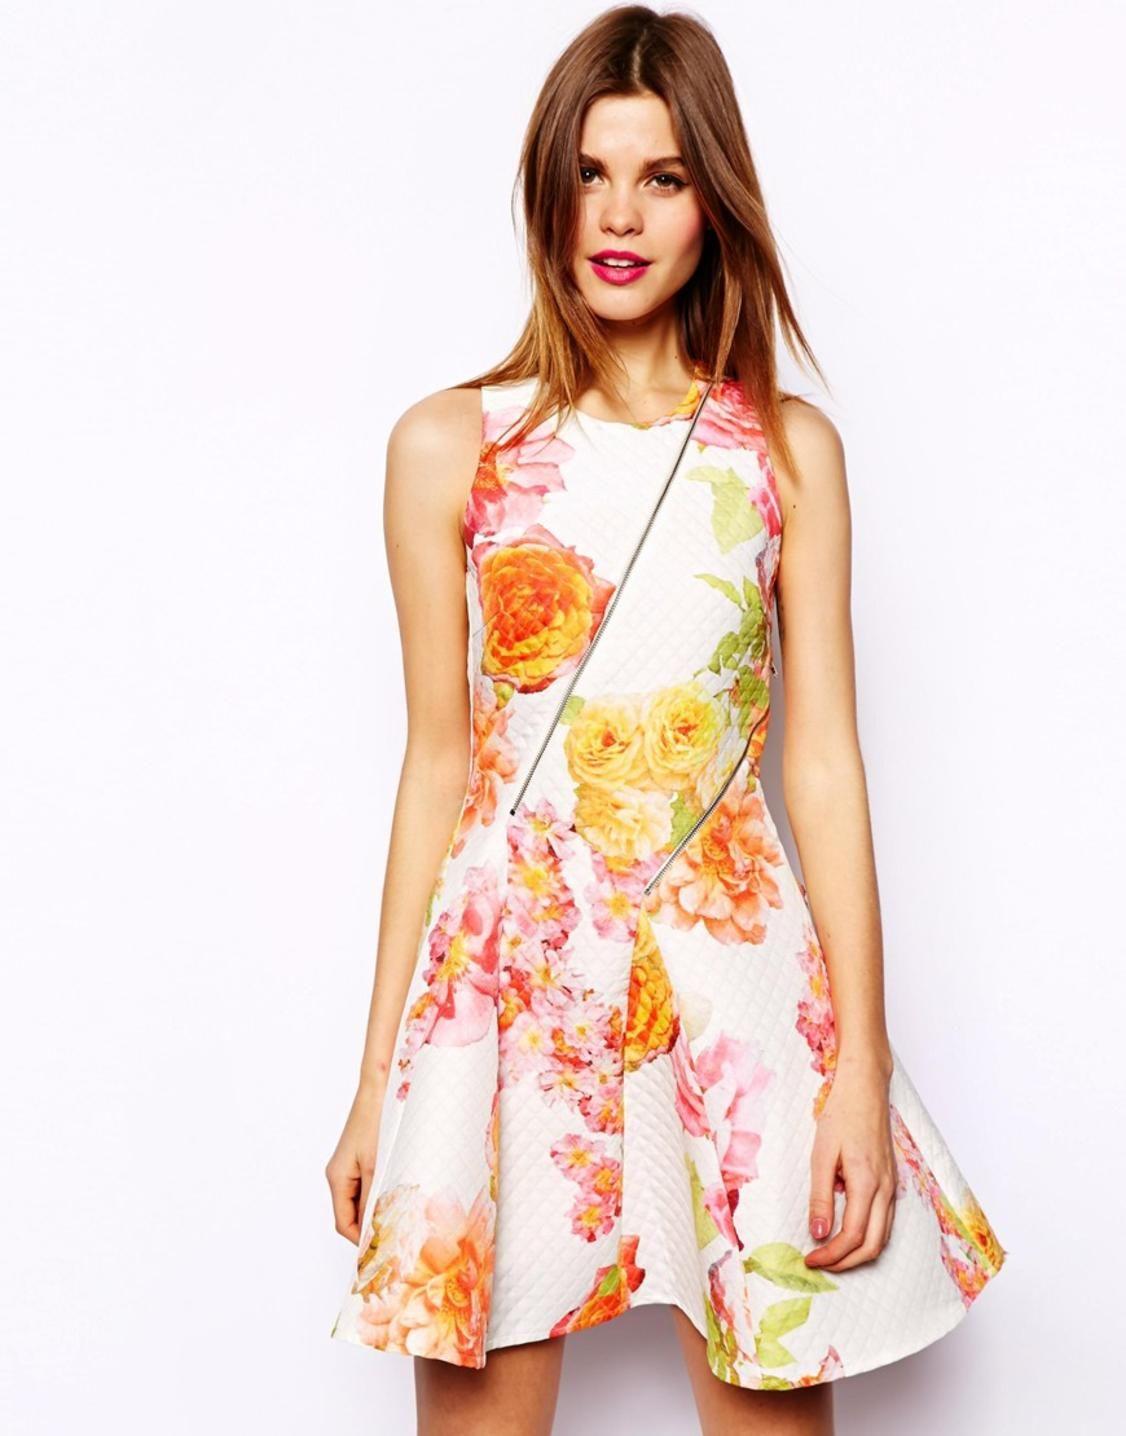 Floral skater dress google search dresses pinterest floral